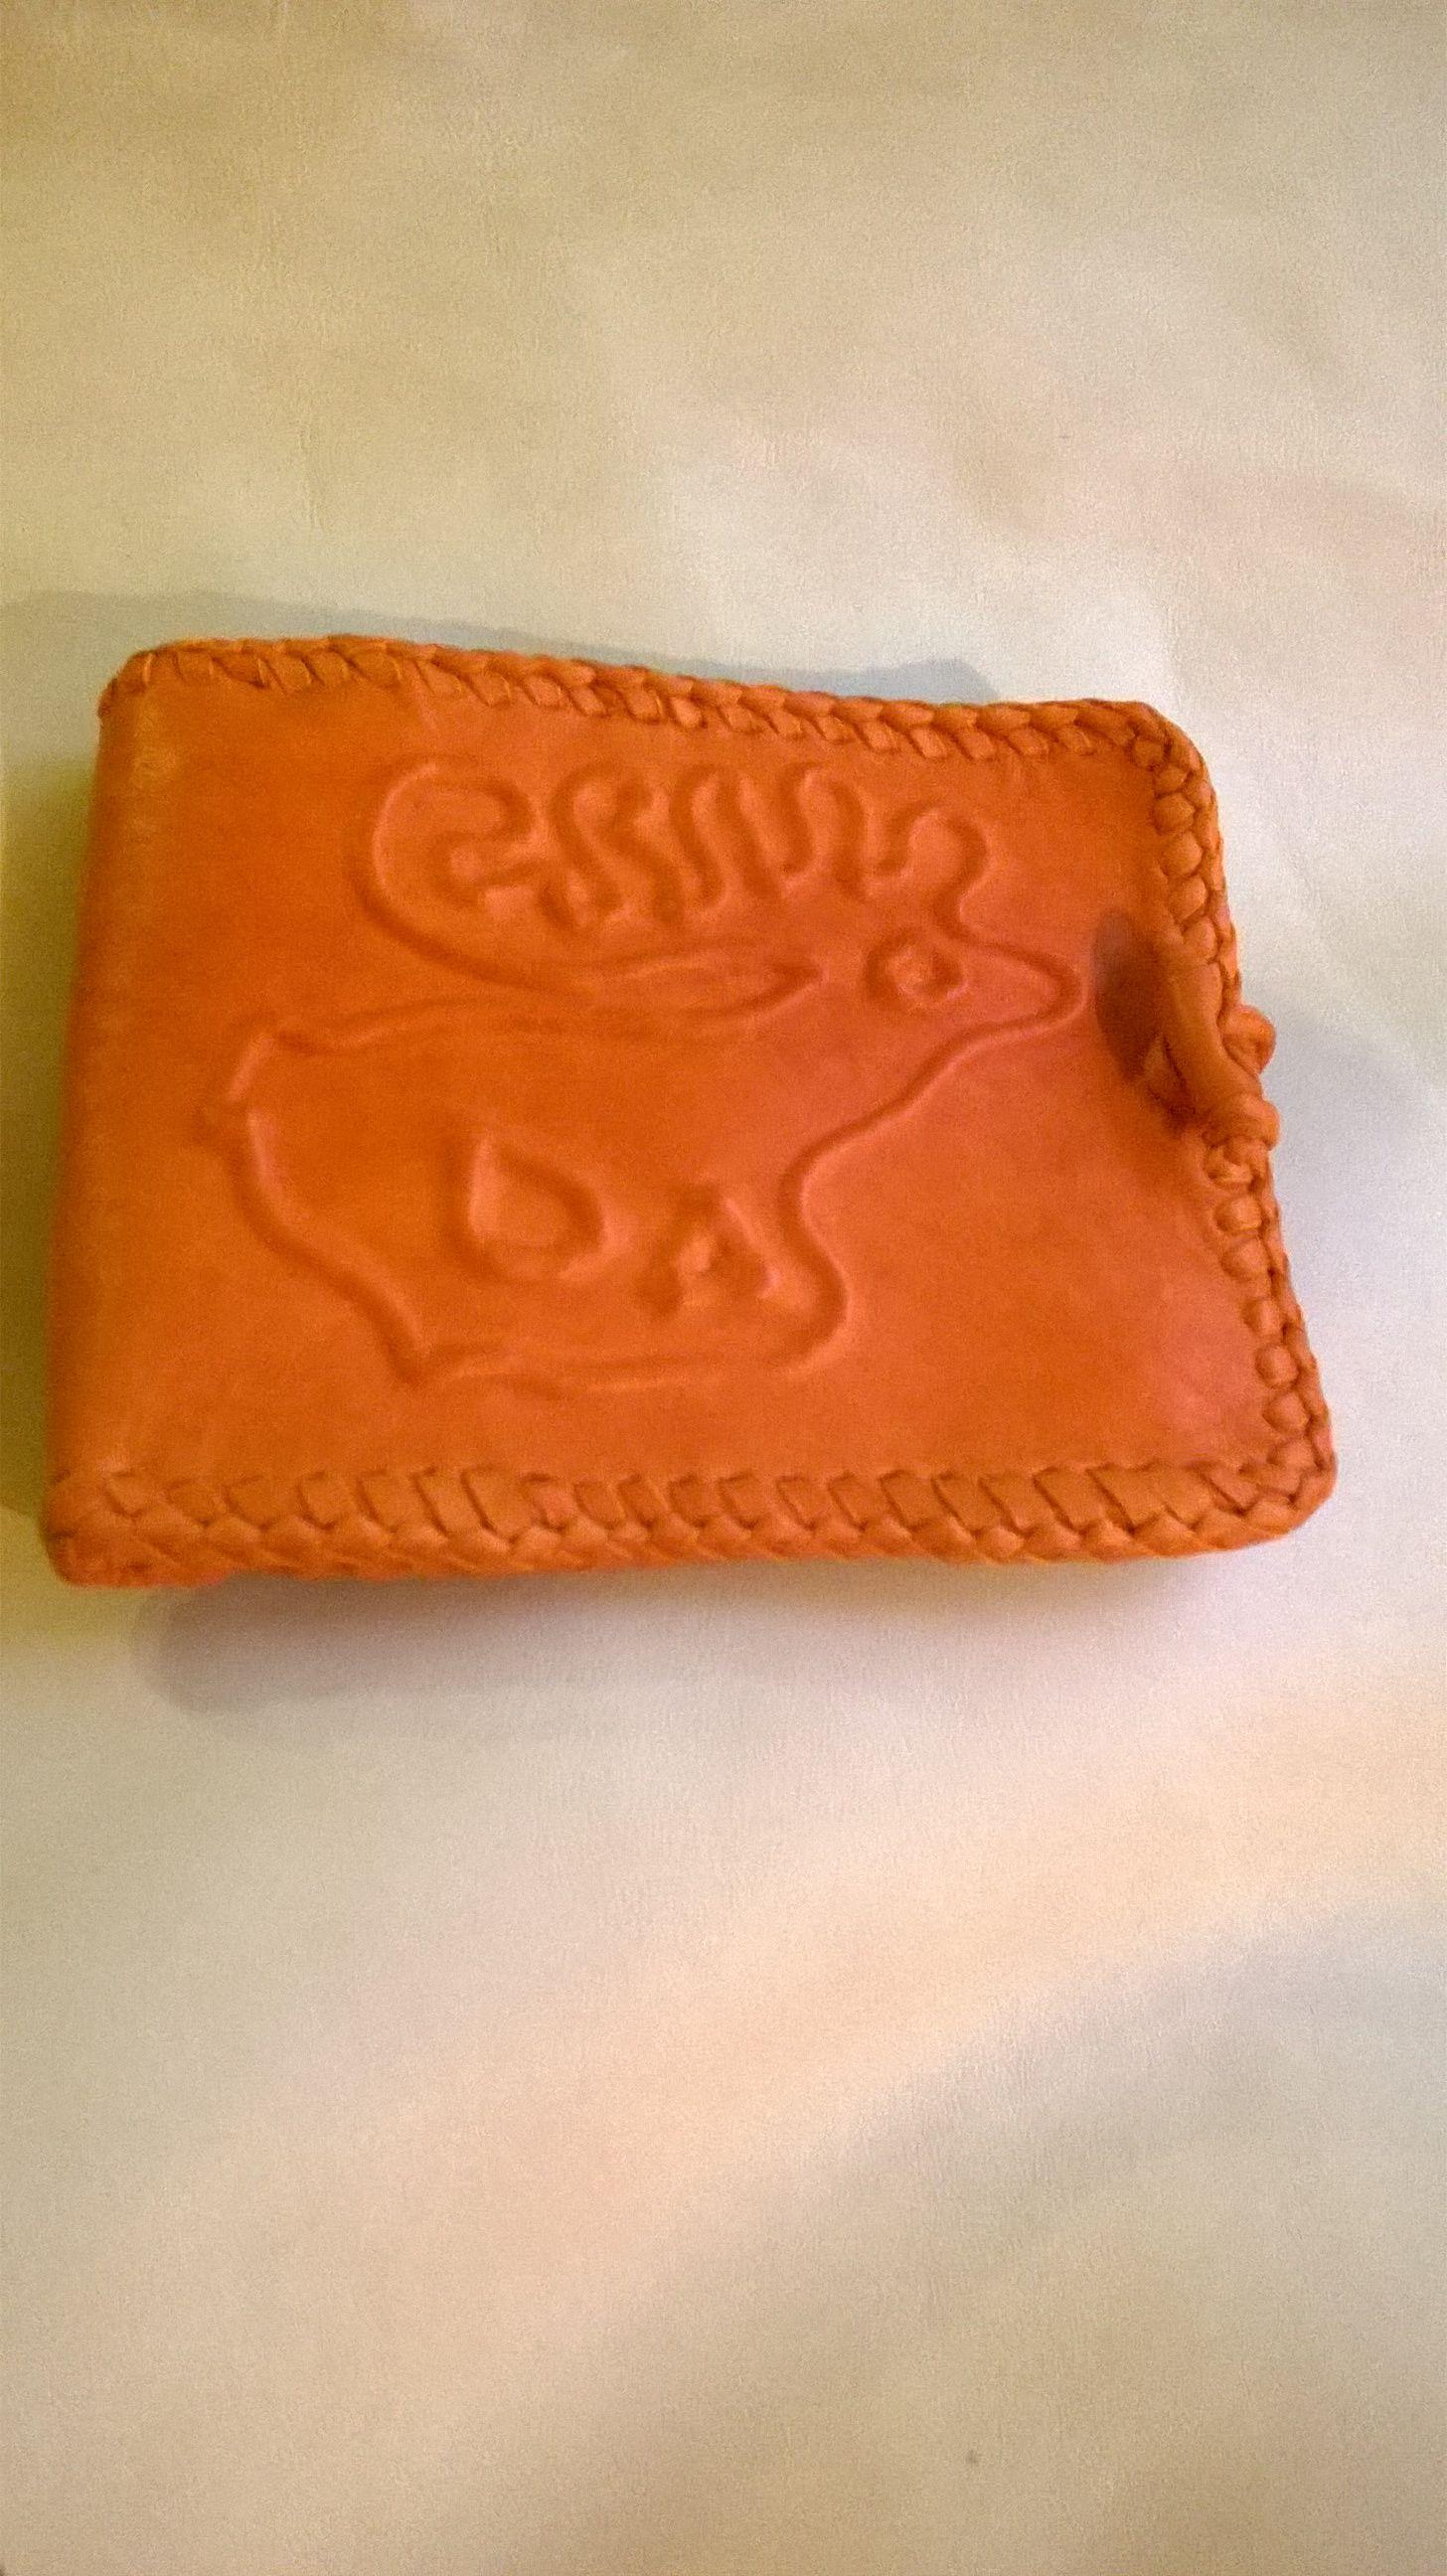 Domborított mintájú narancssárga pénztárca (Maryleathers) - Meska.hu ... bf043f76e9